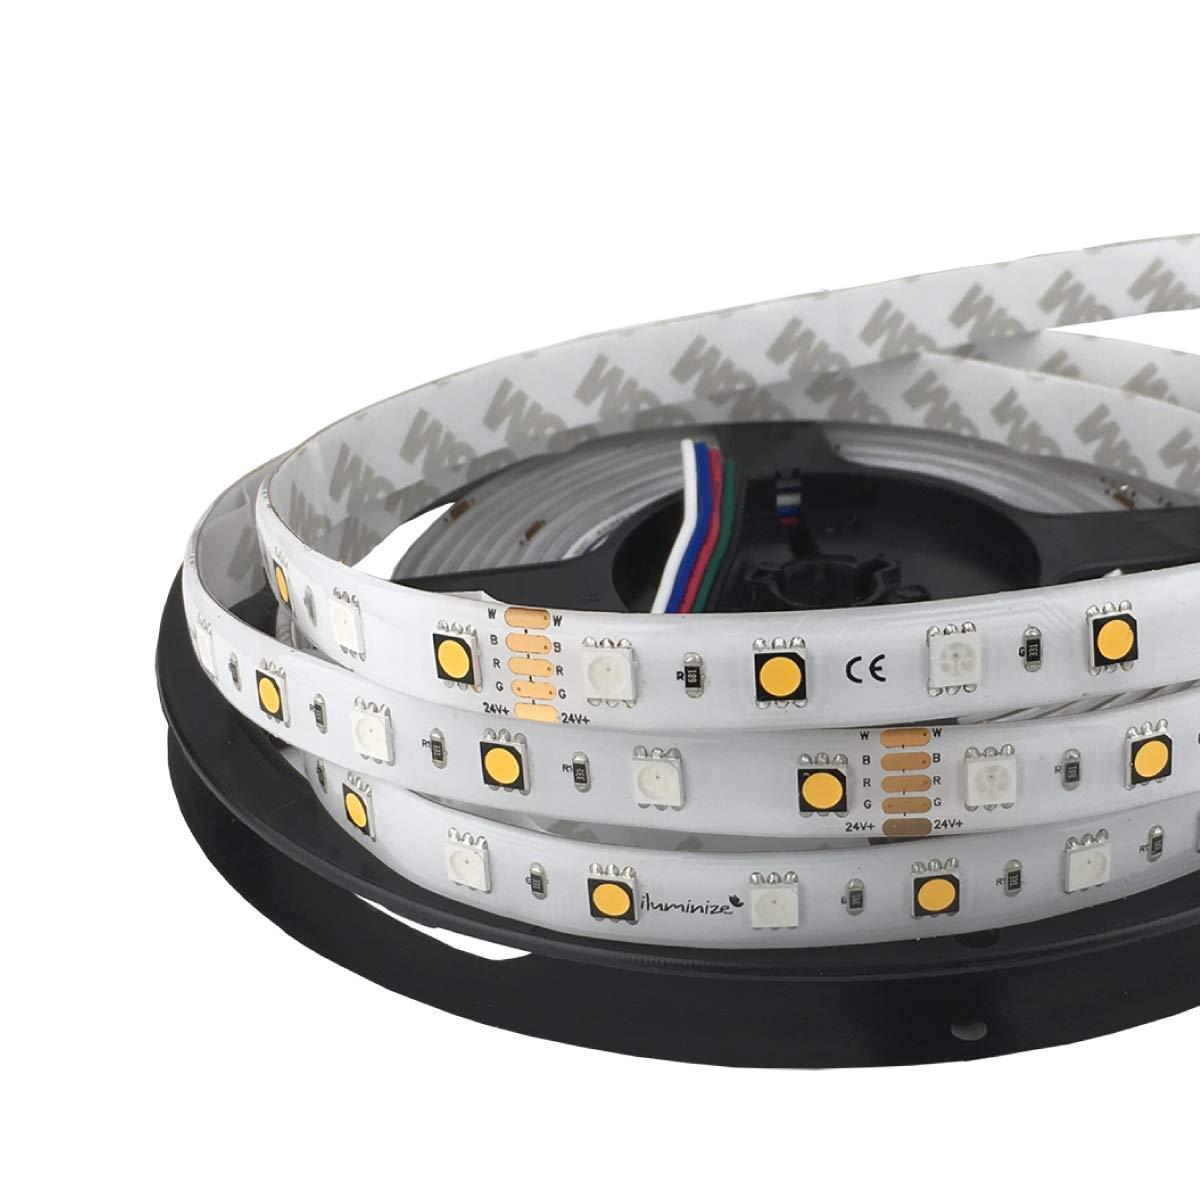 Iluminize LED-Streifen RGB+W  sehr hochwertiger LED-Streifen RGB+W (2700K Ra 95) mit 60 LEDs pro Meter, hoch selektiert, 24V, 16,5W pro Meter (IP55 Gel Rolle 5m)